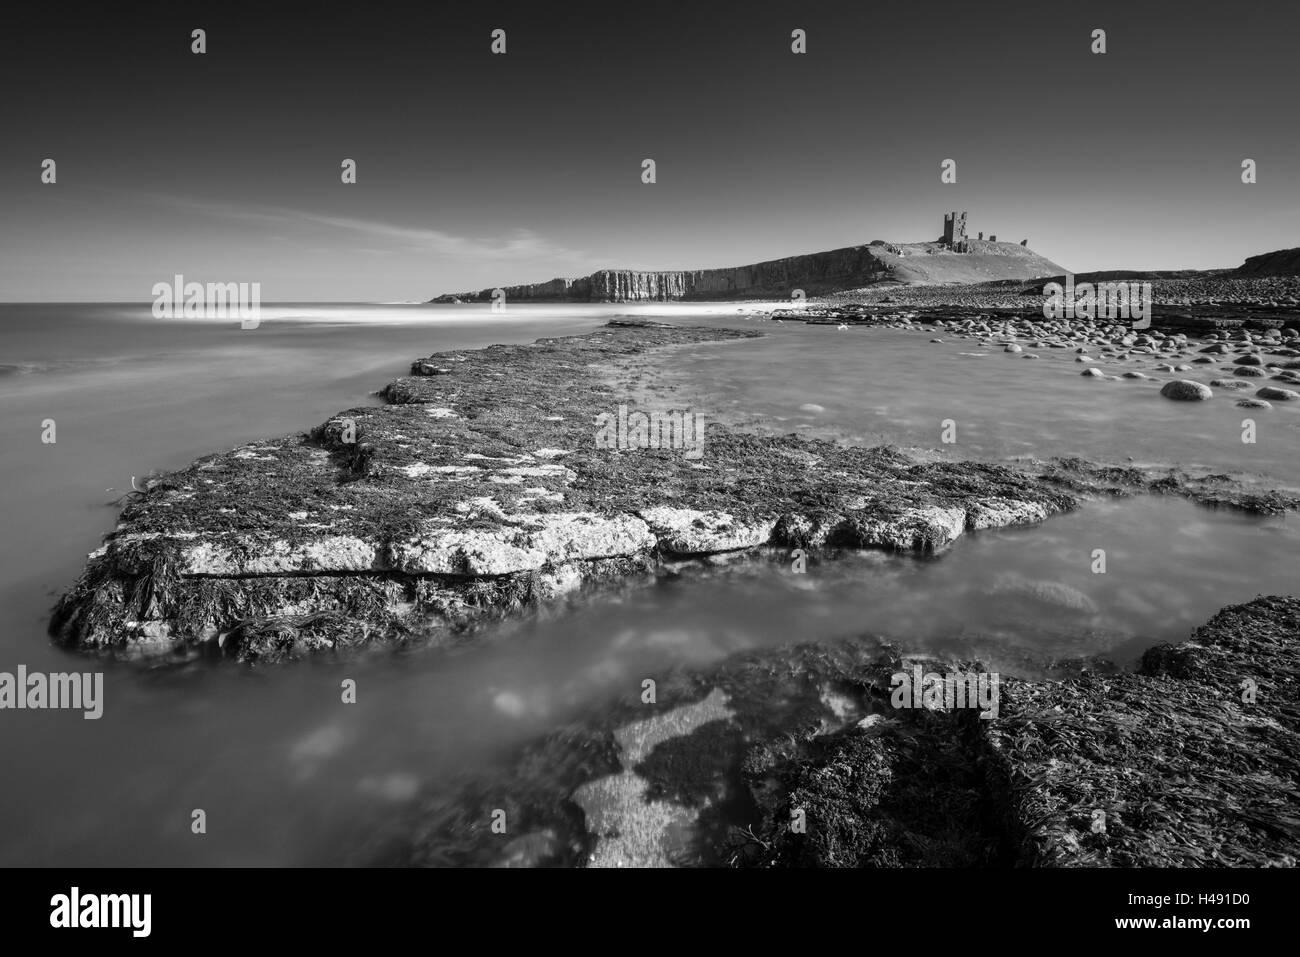 Il castello di Dunstanburgh dalle battute rocciose di Embleton Bay, Northumberland, Inghilterra. Molla (Marzo) 2014. Immagini Stock